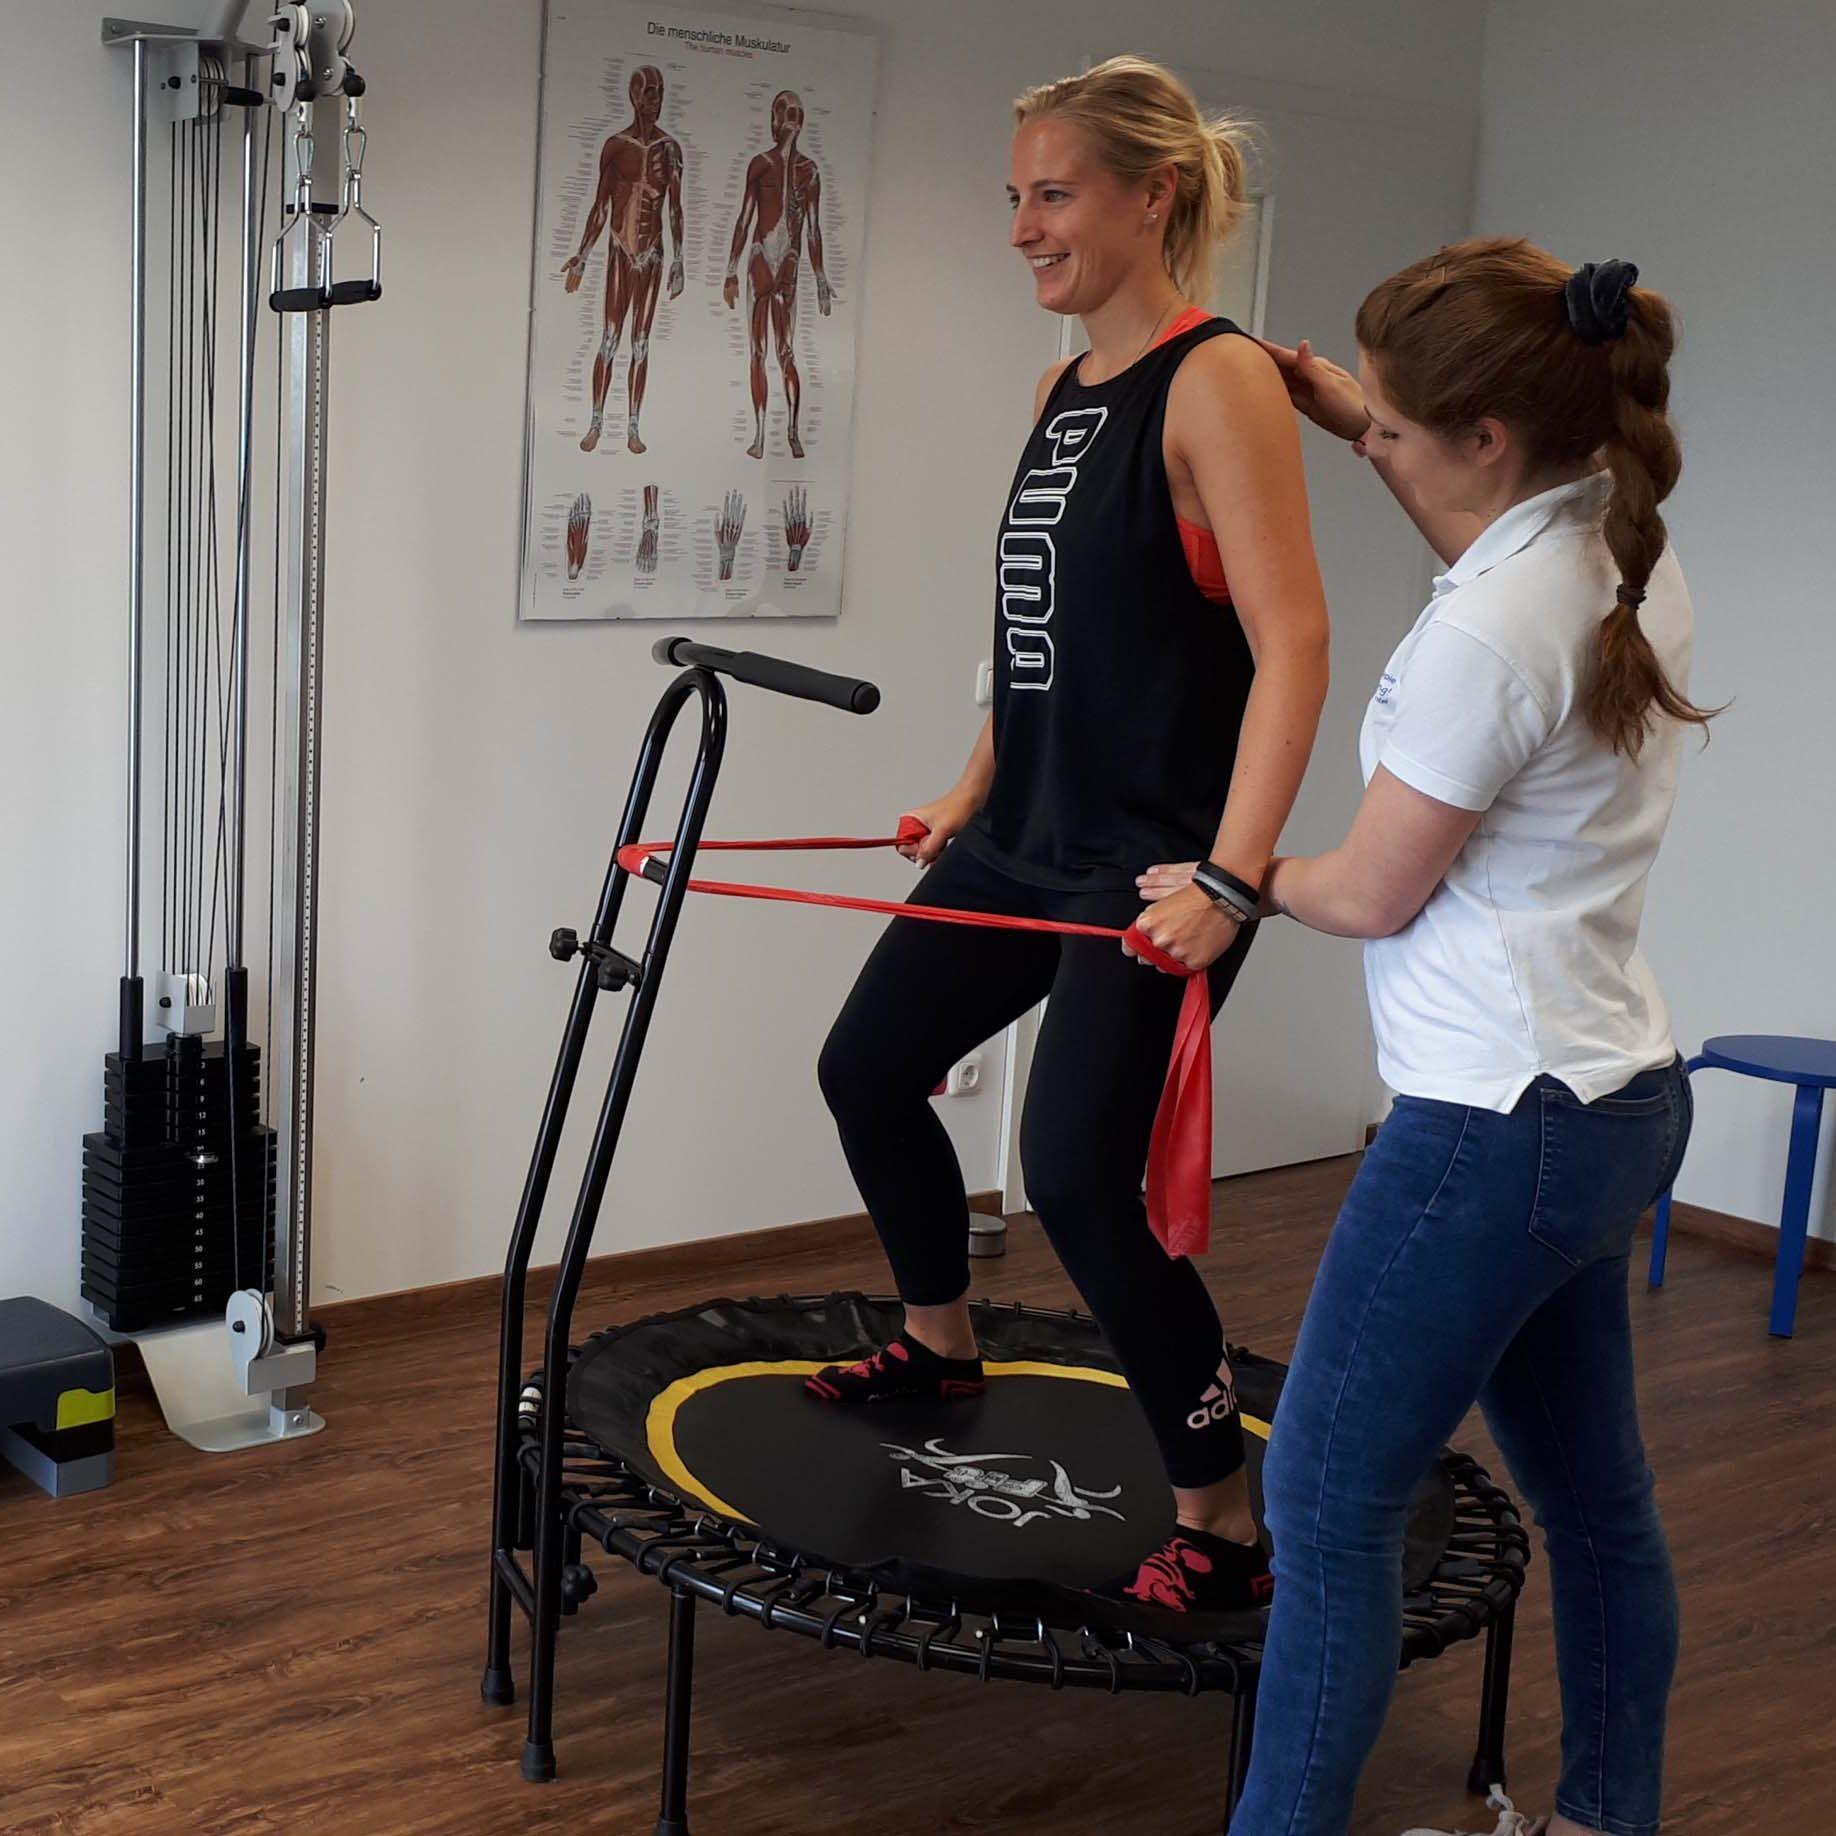 Krankengymnastik Physiotherapie Frei in Bewegung! Mülheim